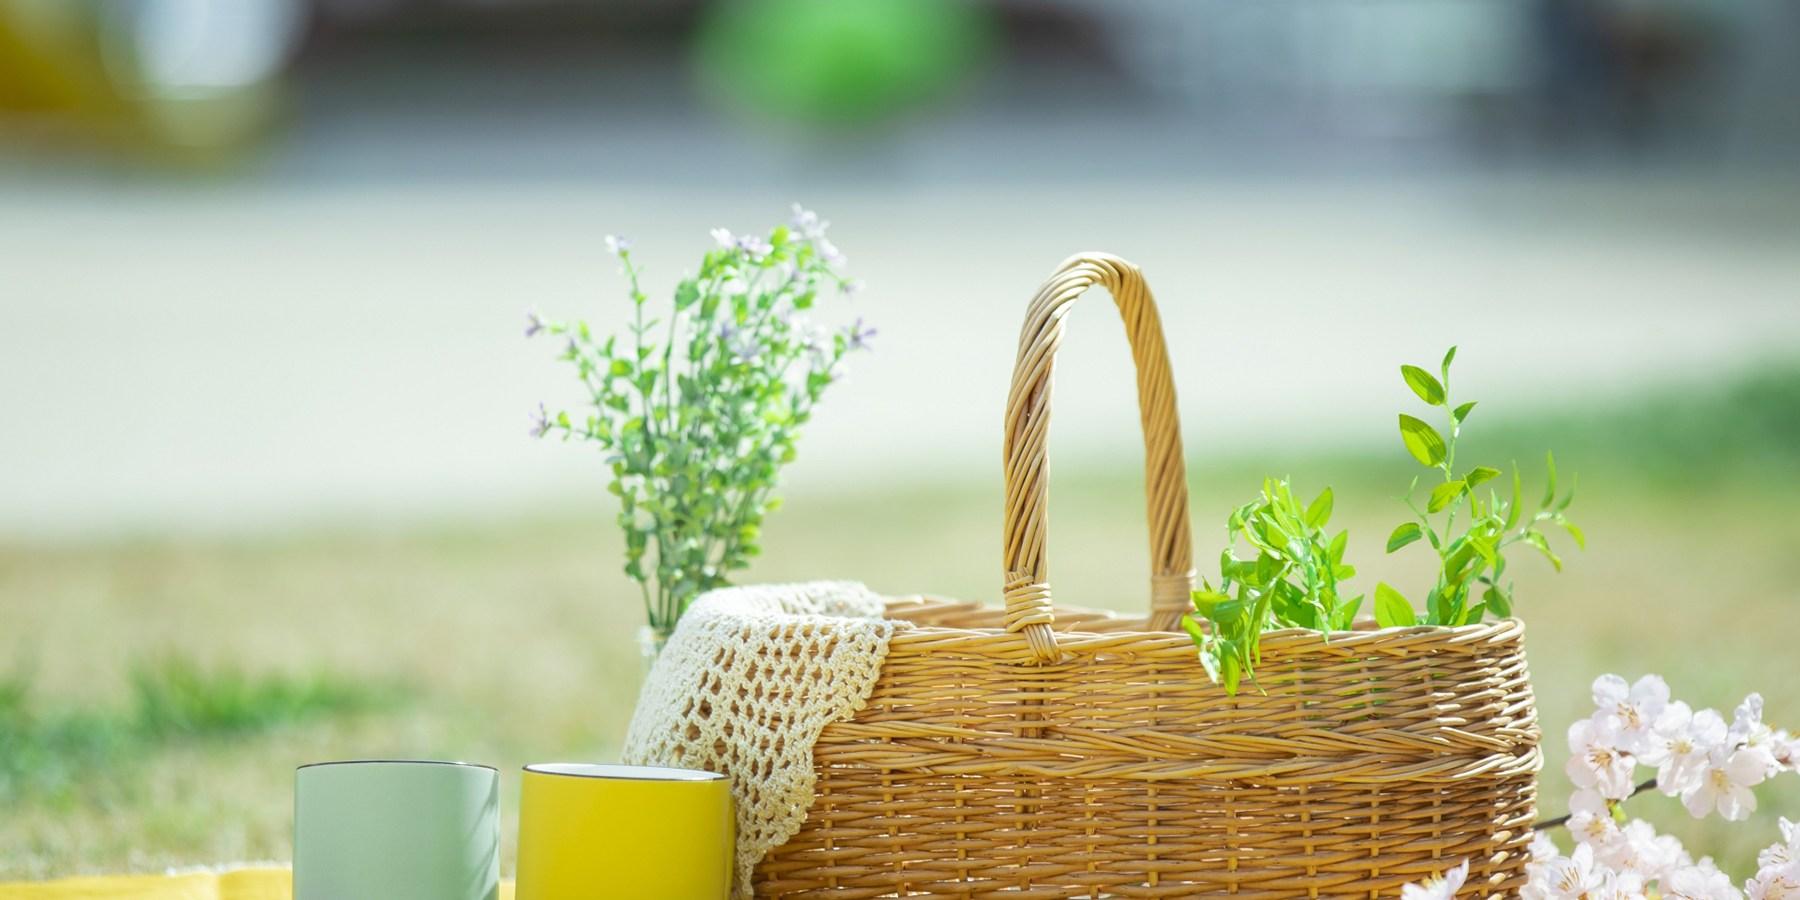 公園でピクニックのイメージ写真